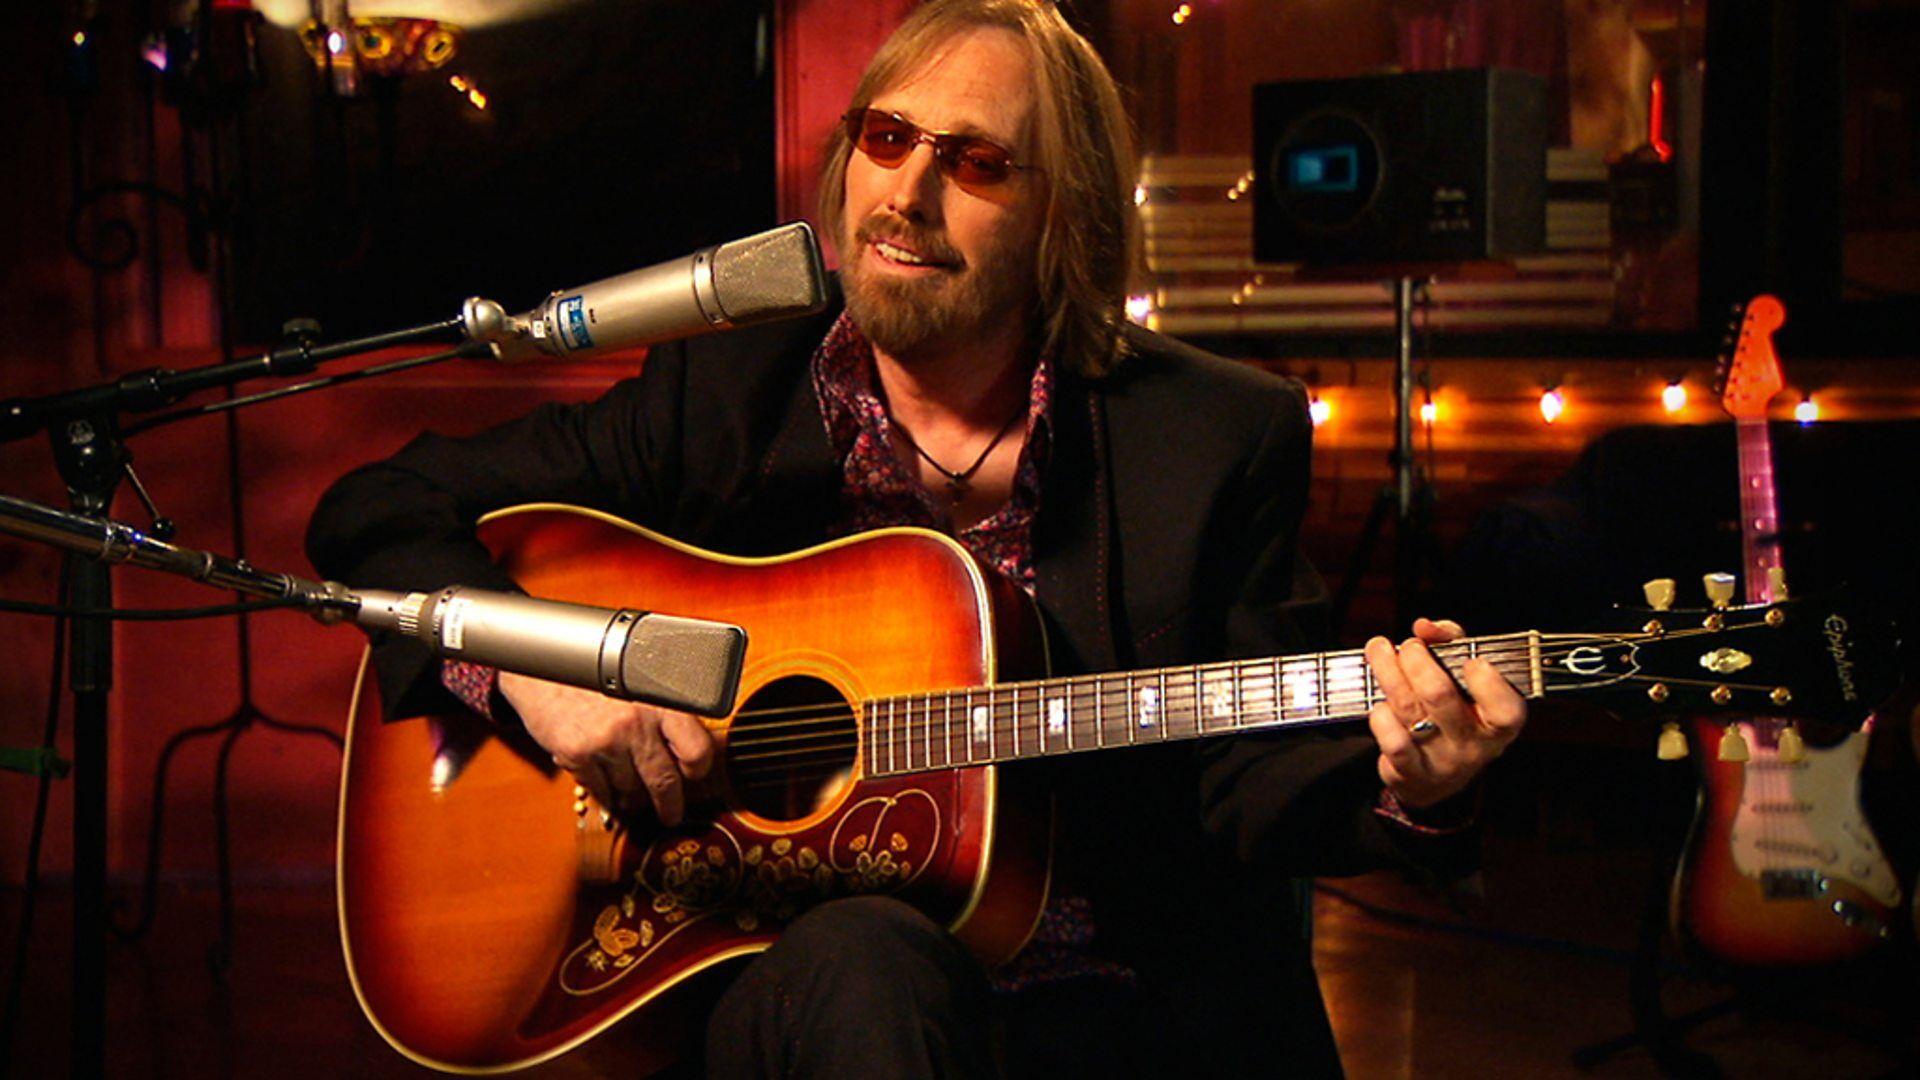 Doodsoorzaak muzikant Tom Petty bekend: overdosis pijnstillers